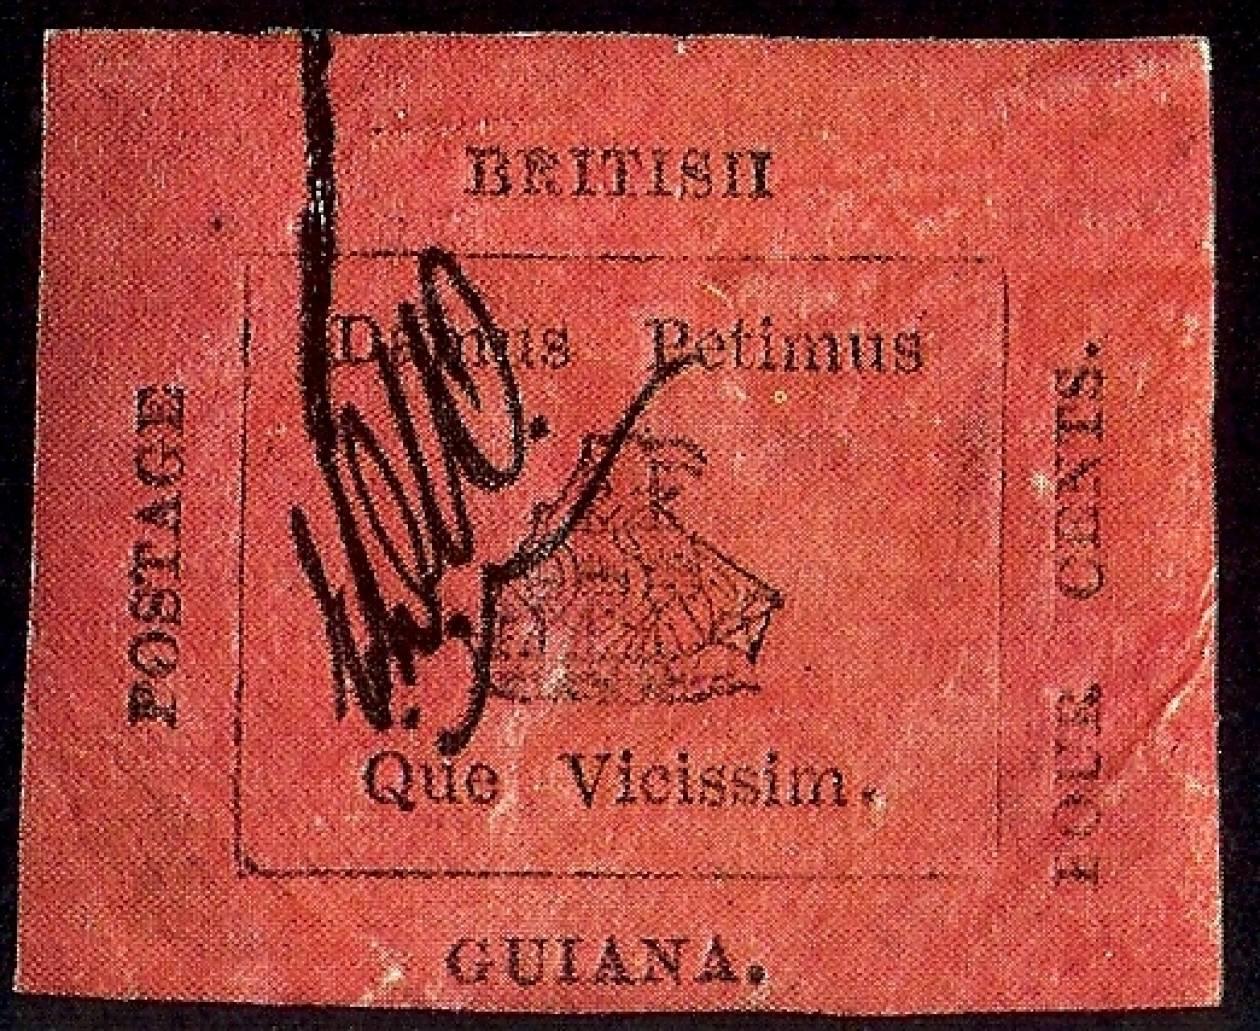 Το σπανιότερο γραμματόσημο του κόσμου βγαίνει σε δημοπρασία